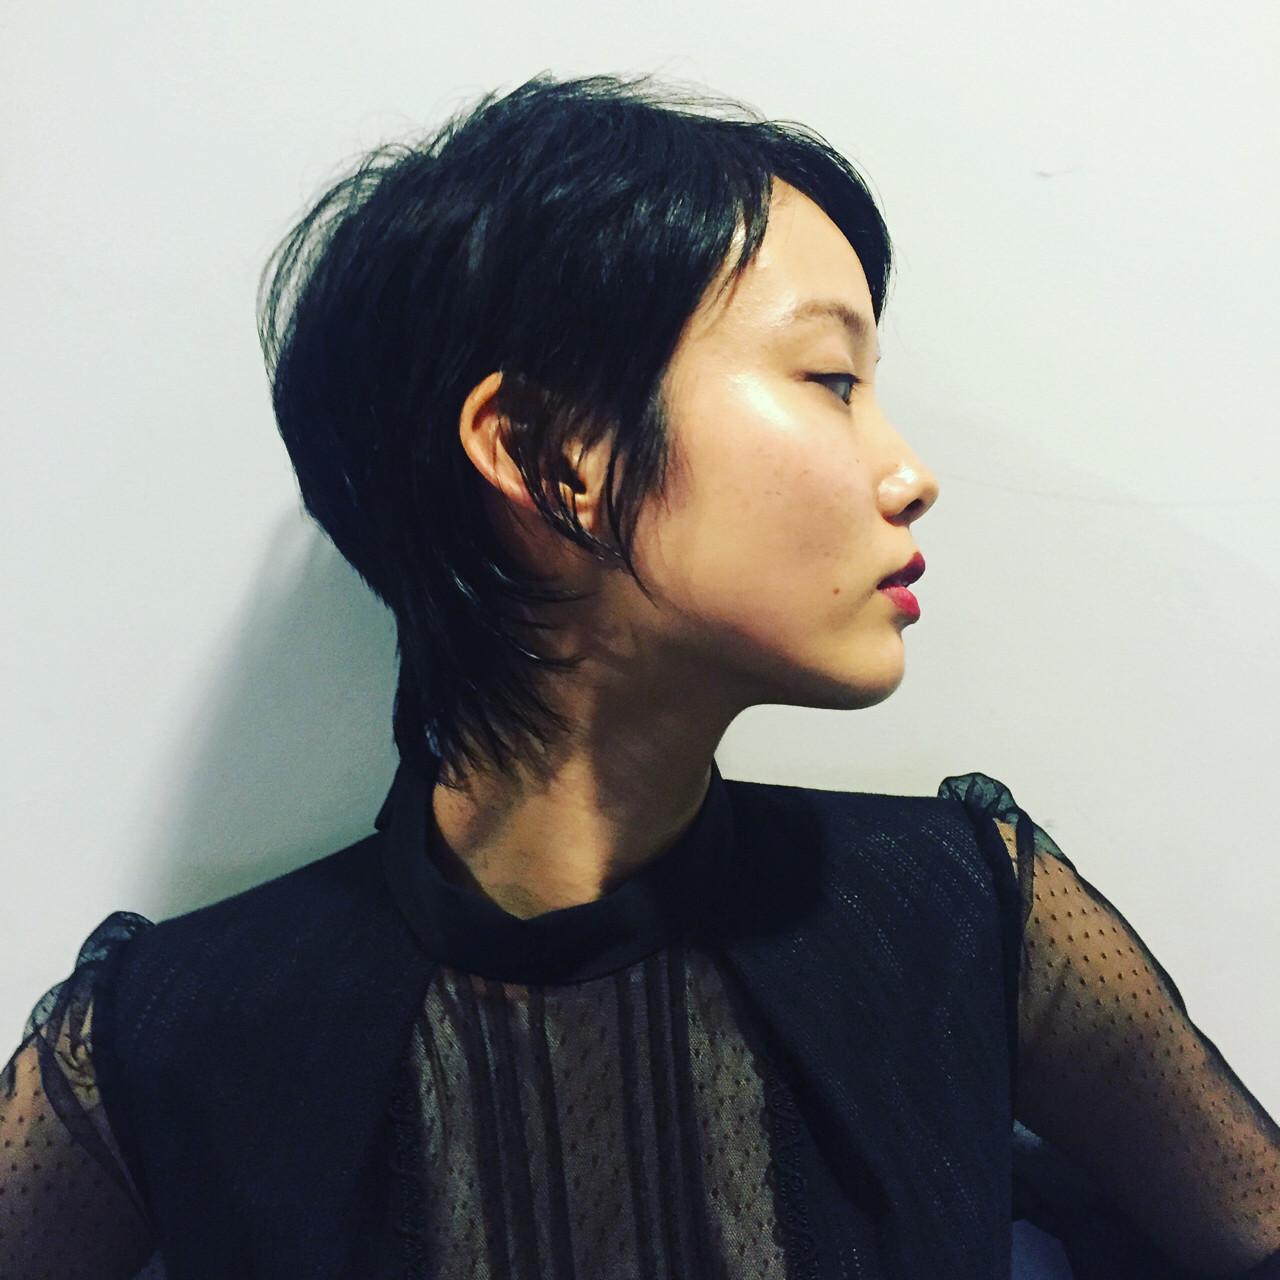 ショート 黒髪 暗髪 モード ヘアスタイルや髪型の写真・画像